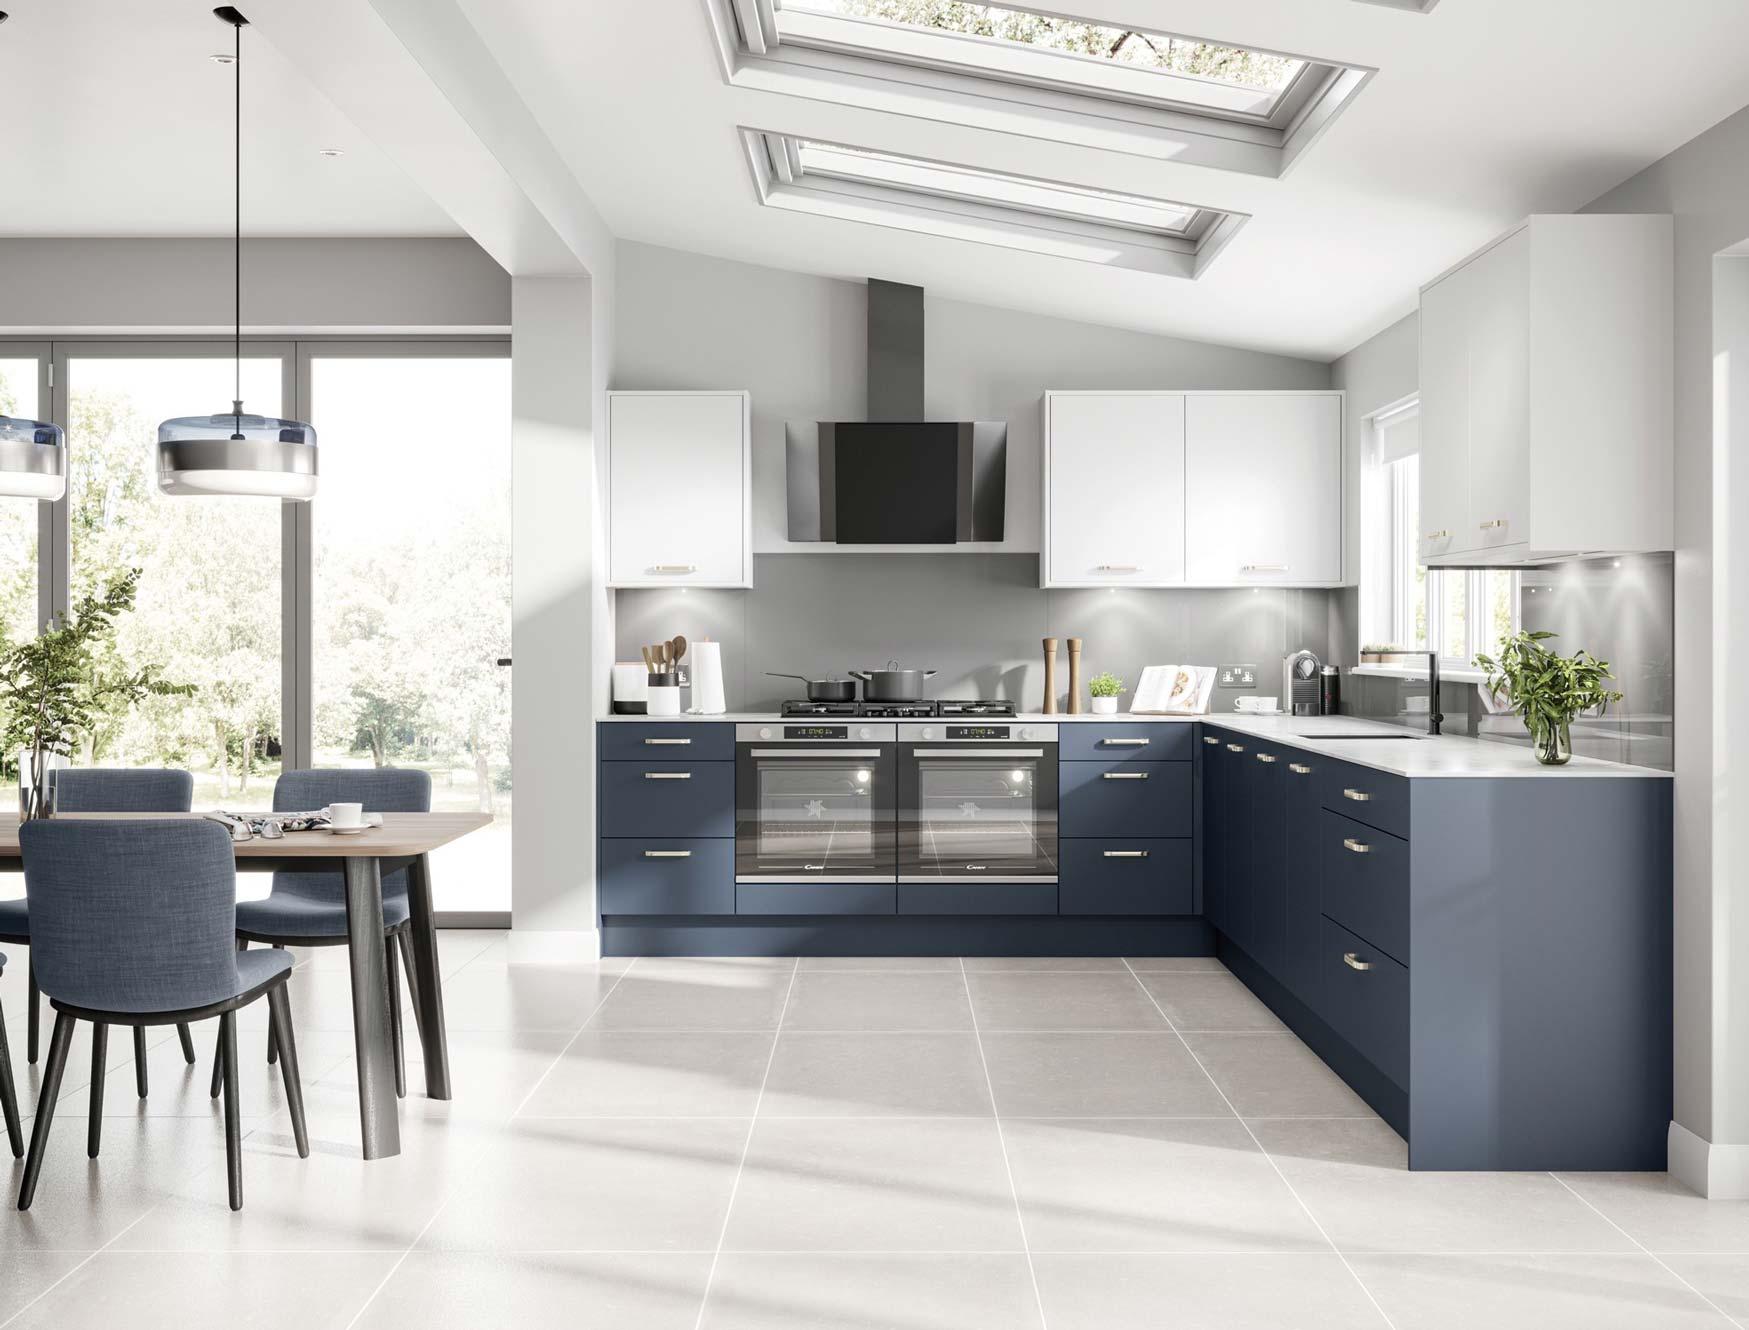 Vero Indigo kitchen